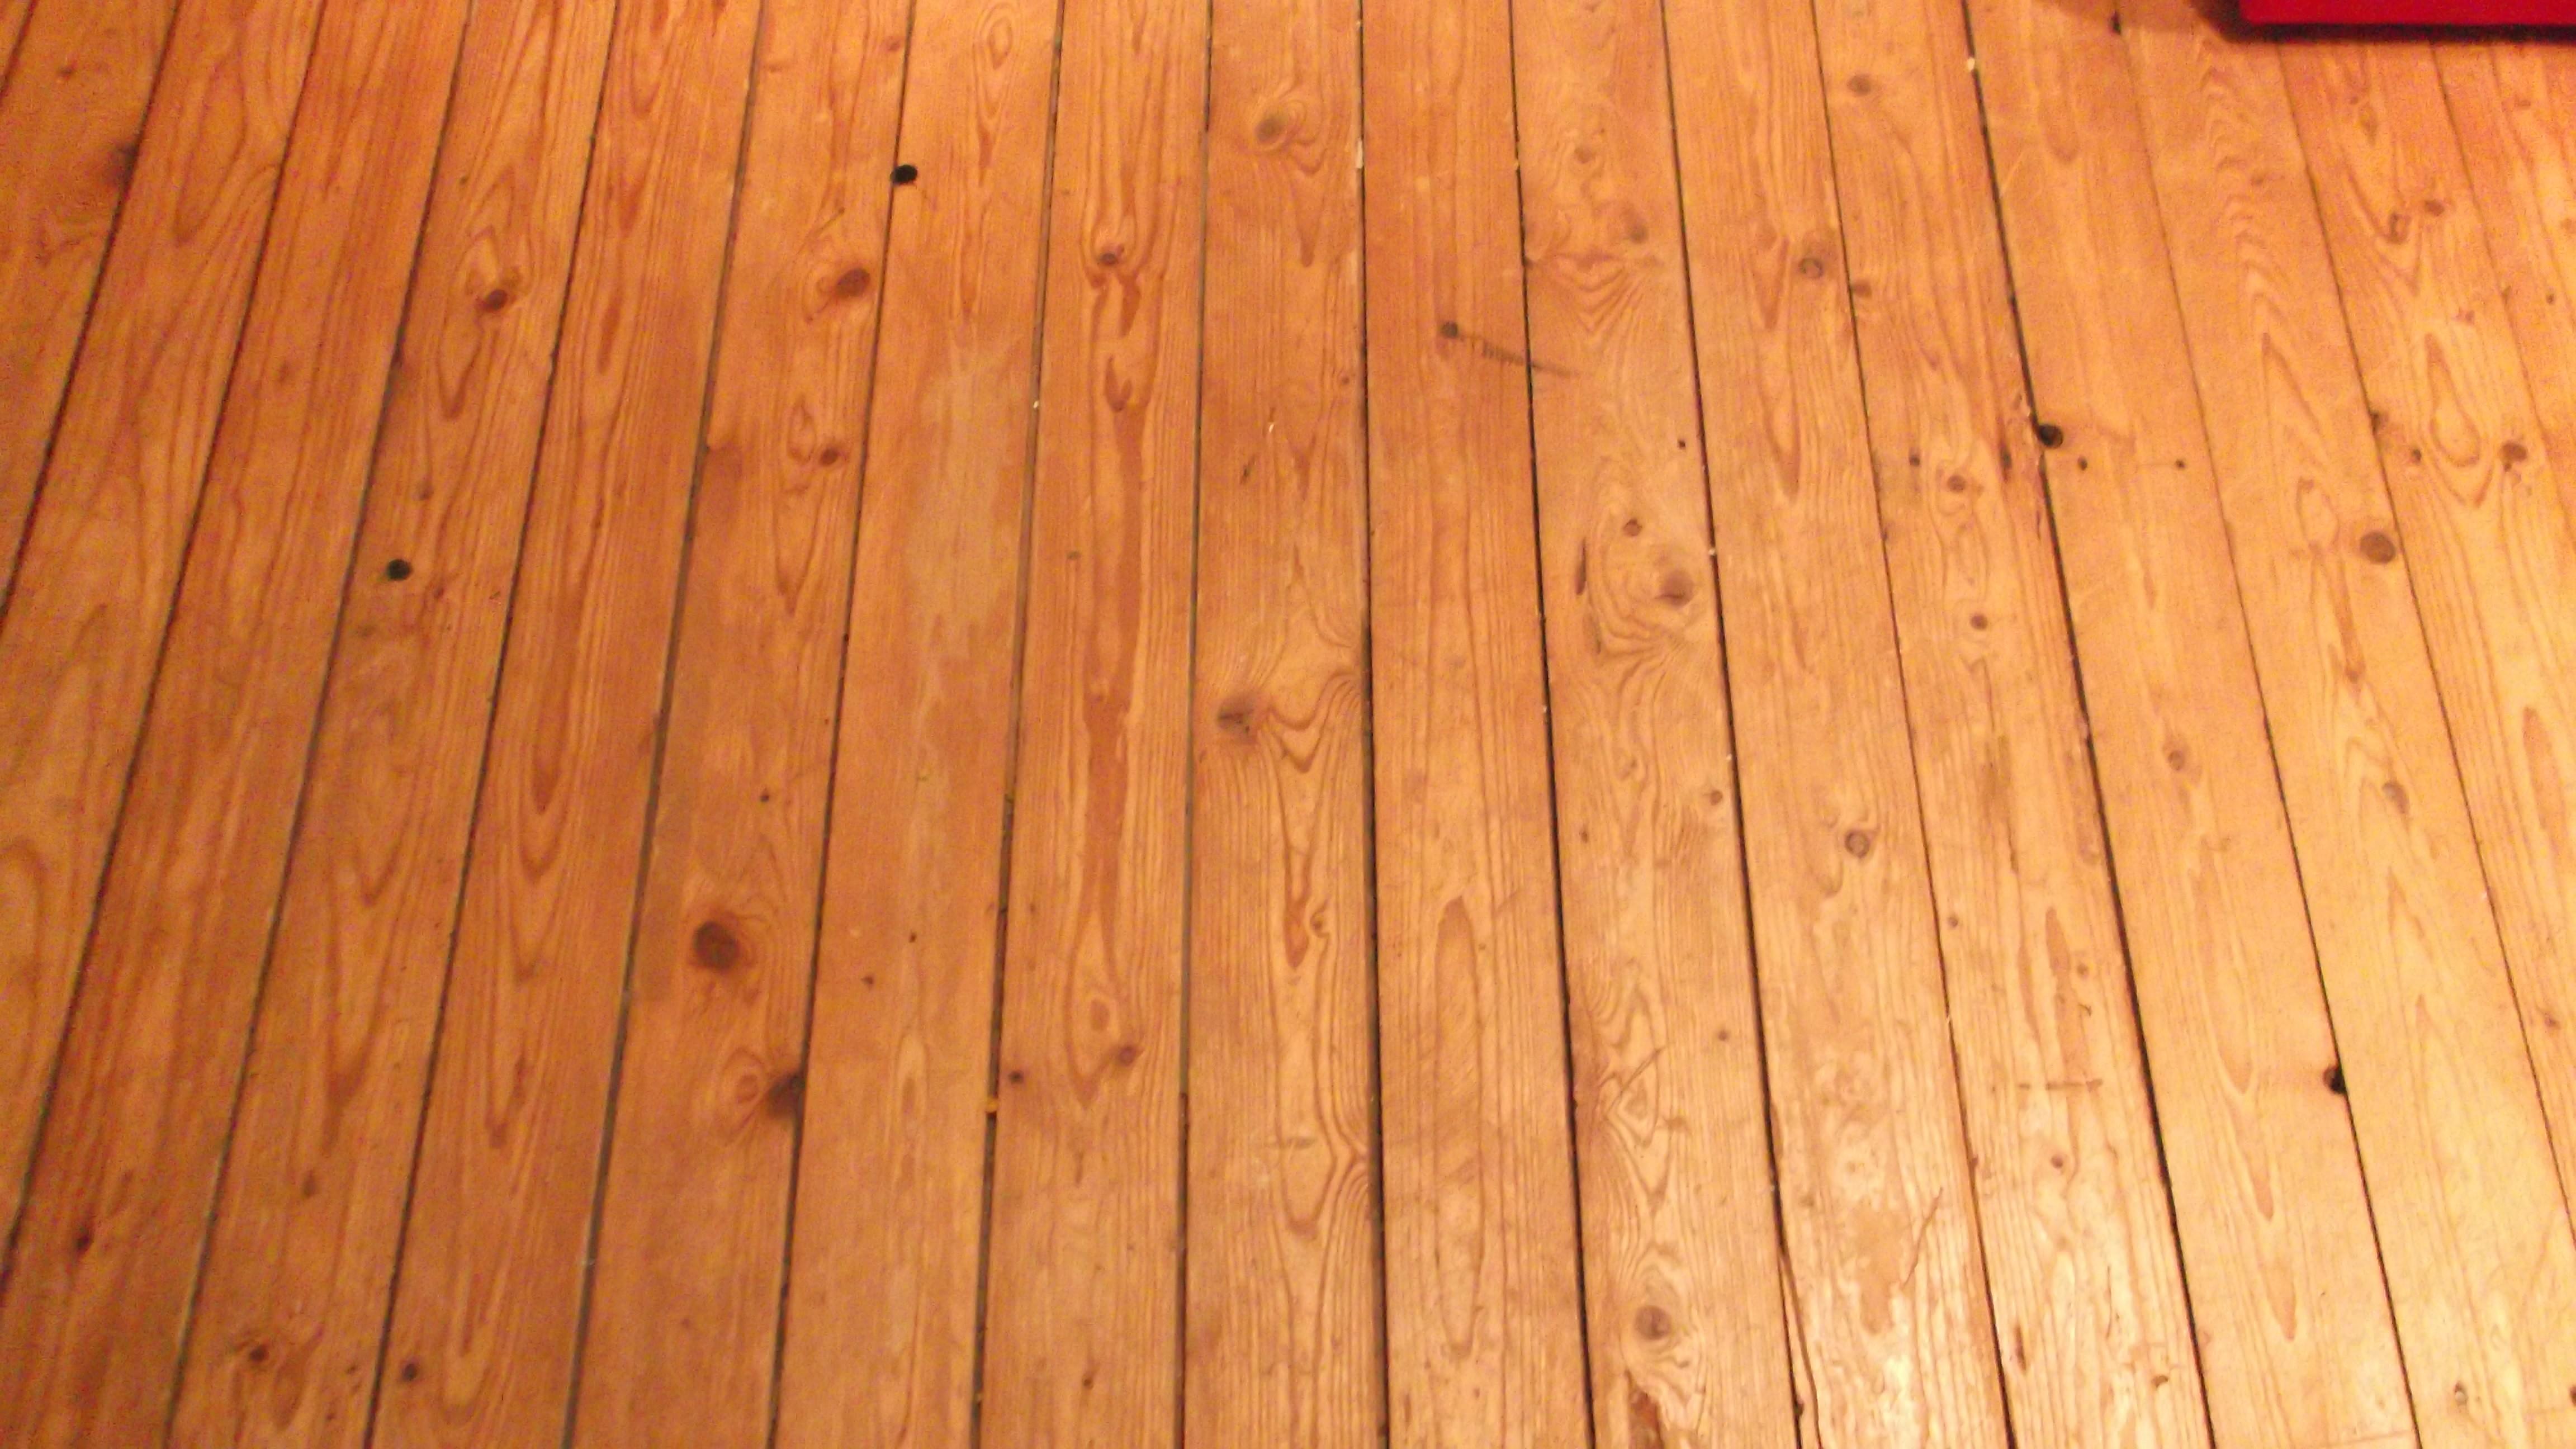 kche parkett oder fliesen stunning holzboden in der kche gallery globexusa us beautiful wand. Black Bedroom Furniture Sets. Home Design Ideas